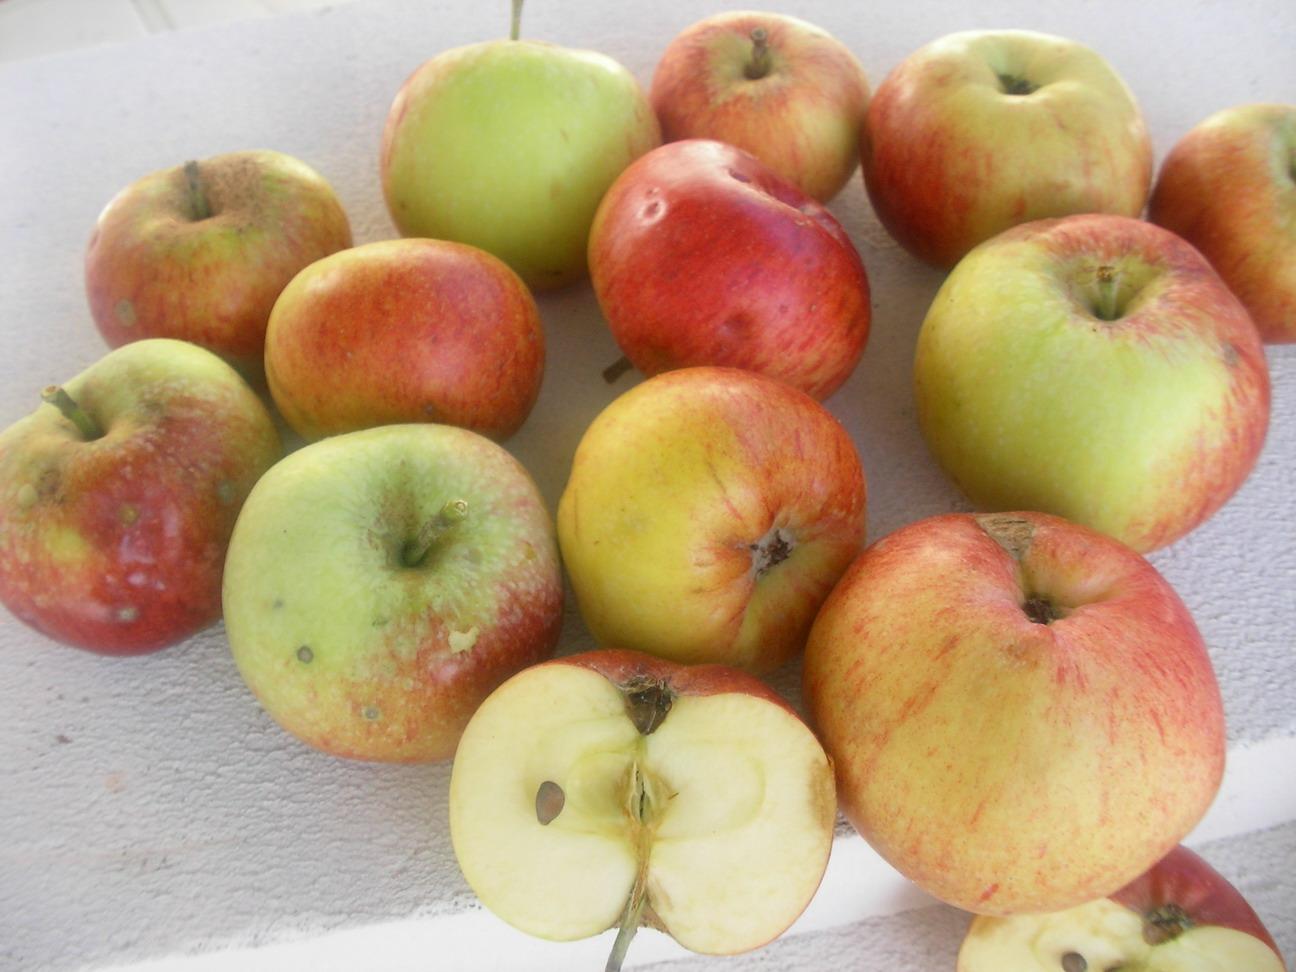 Lescrets fruits et pomologie les pommes the apples guide des pommes guide of apples 1930 - Variete de pomme de terre ancienne ...